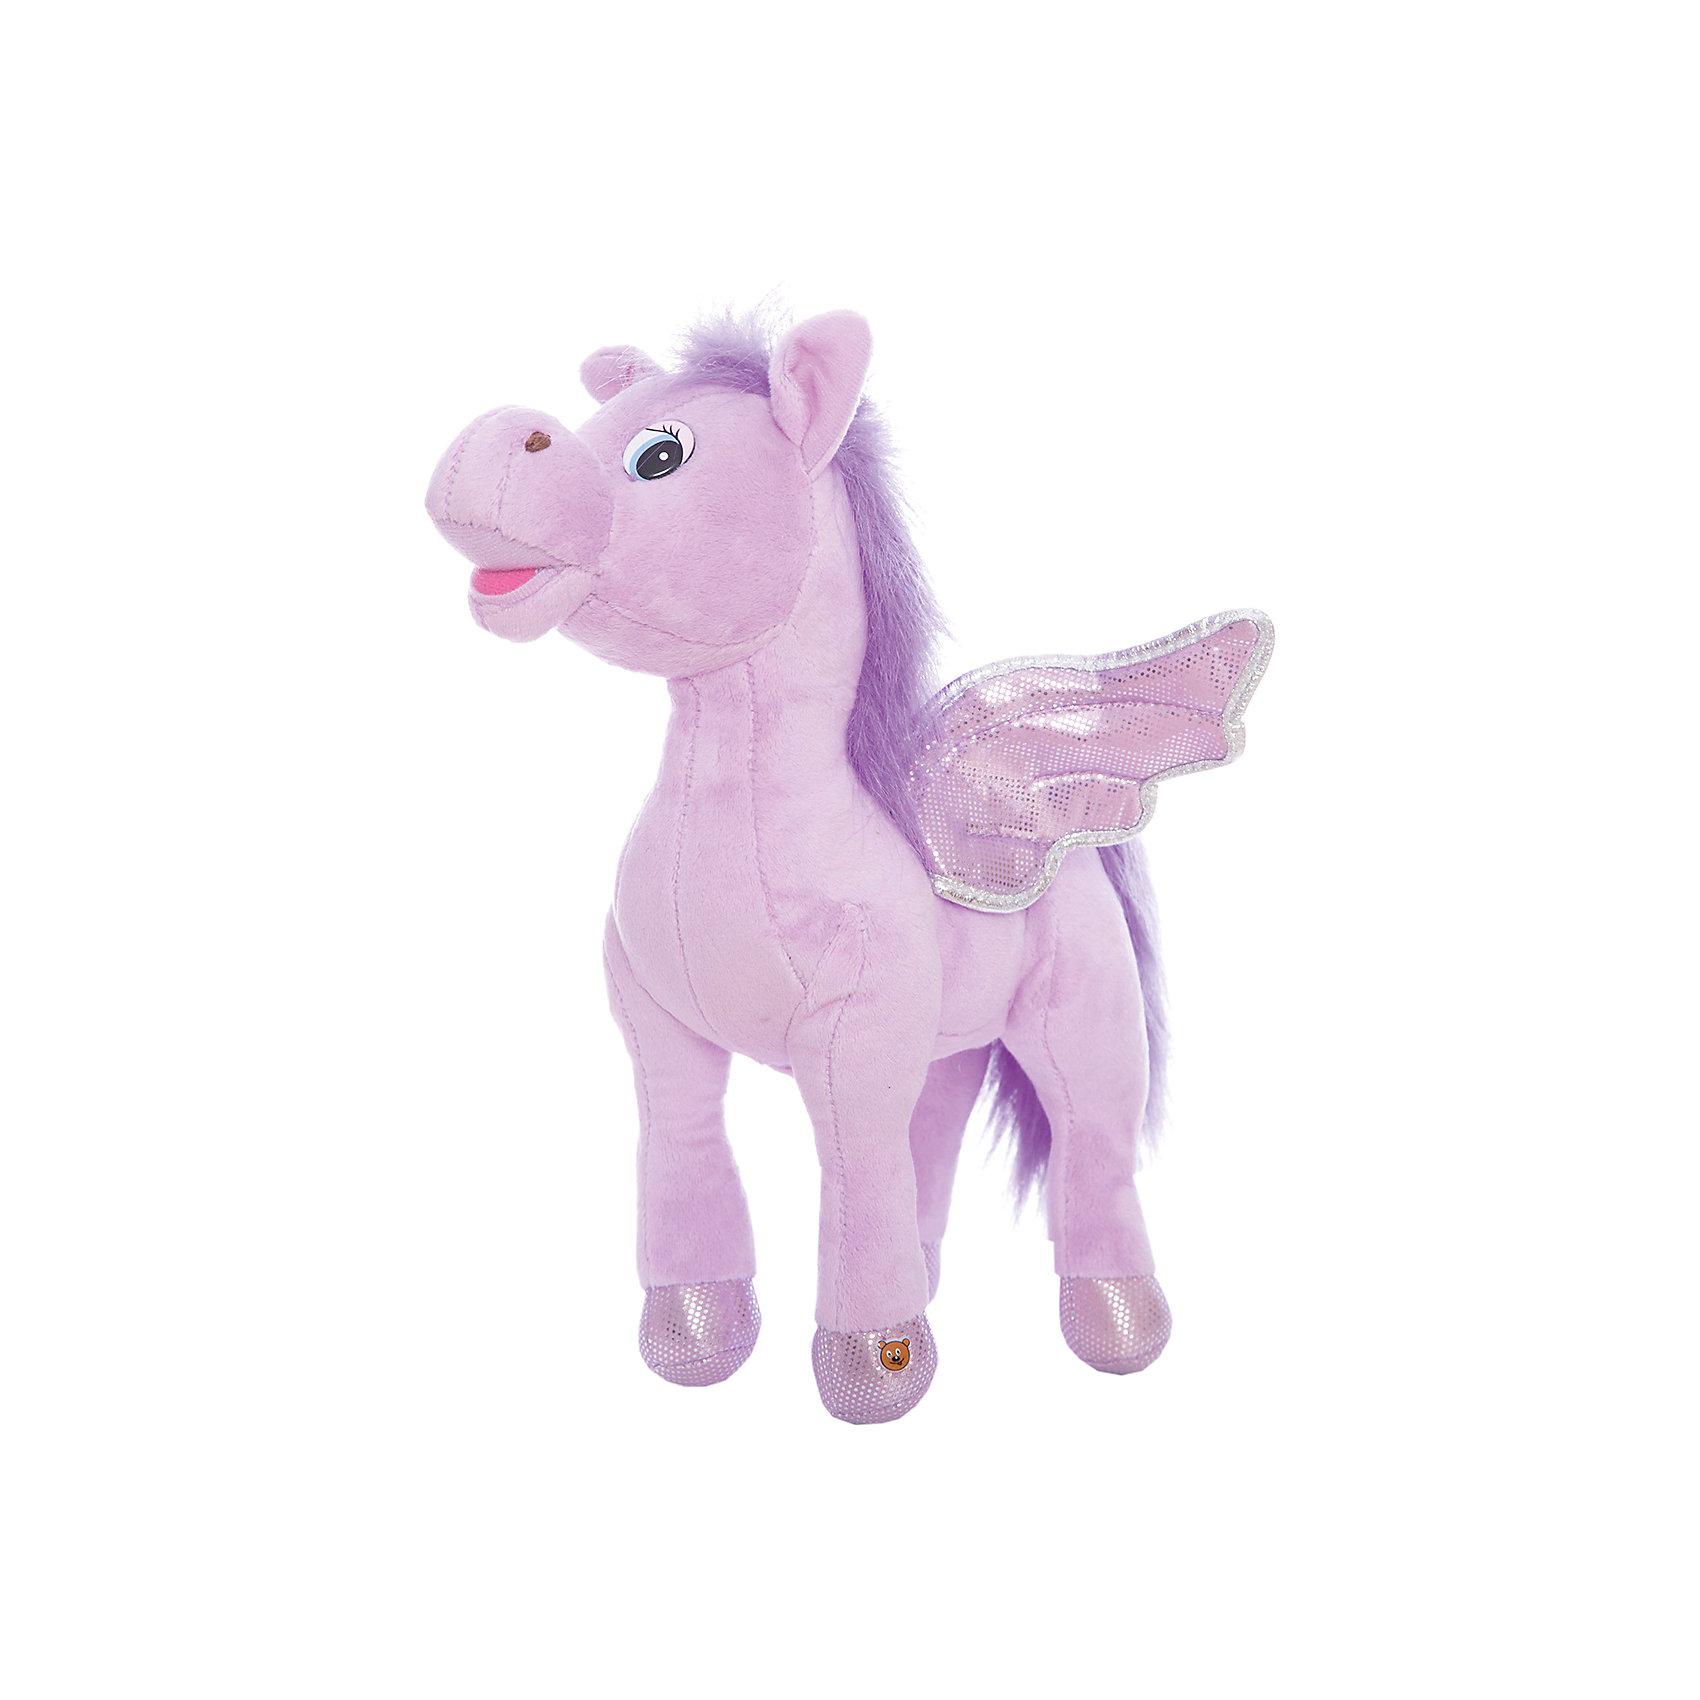 Мягкая игрушка Пони с крыльями, фиолетовая, МУЛЬТИ-ПУЛЬТИОчаровательная мягкая лошадка с крылышками обязательно понравится девочке! Пони расскажет своей хозяйке веселые стихи, споет песенку или просто поговорит. Игрушка выполнена из высококачественных материалов, плотно набита, очень приятна на ощупь. <br><br>Дополнительная информация: <br><br>- Материал: пластик, текстиль, синтепон.<br>- Размер: 25 см.<br>- 3 фразы, 4 стишка, 2 песенки.<br>- Элемент питания: батарейки (в комплекте).<br><br>Мягкую игрушку Пони с крыльями, МУЛЬТИ-ПУЛЬТИ можно купить в нашем магазине.<br><br>Ширина мм: 300<br>Глубина мм: 260<br>Высота мм: 100<br>Вес г: 420<br>Возраст от месяцев: 36<br>Возраст до месяцев: 120<br>Пол: Женский<br>Возраст: Детский<br>SKU: 4850050